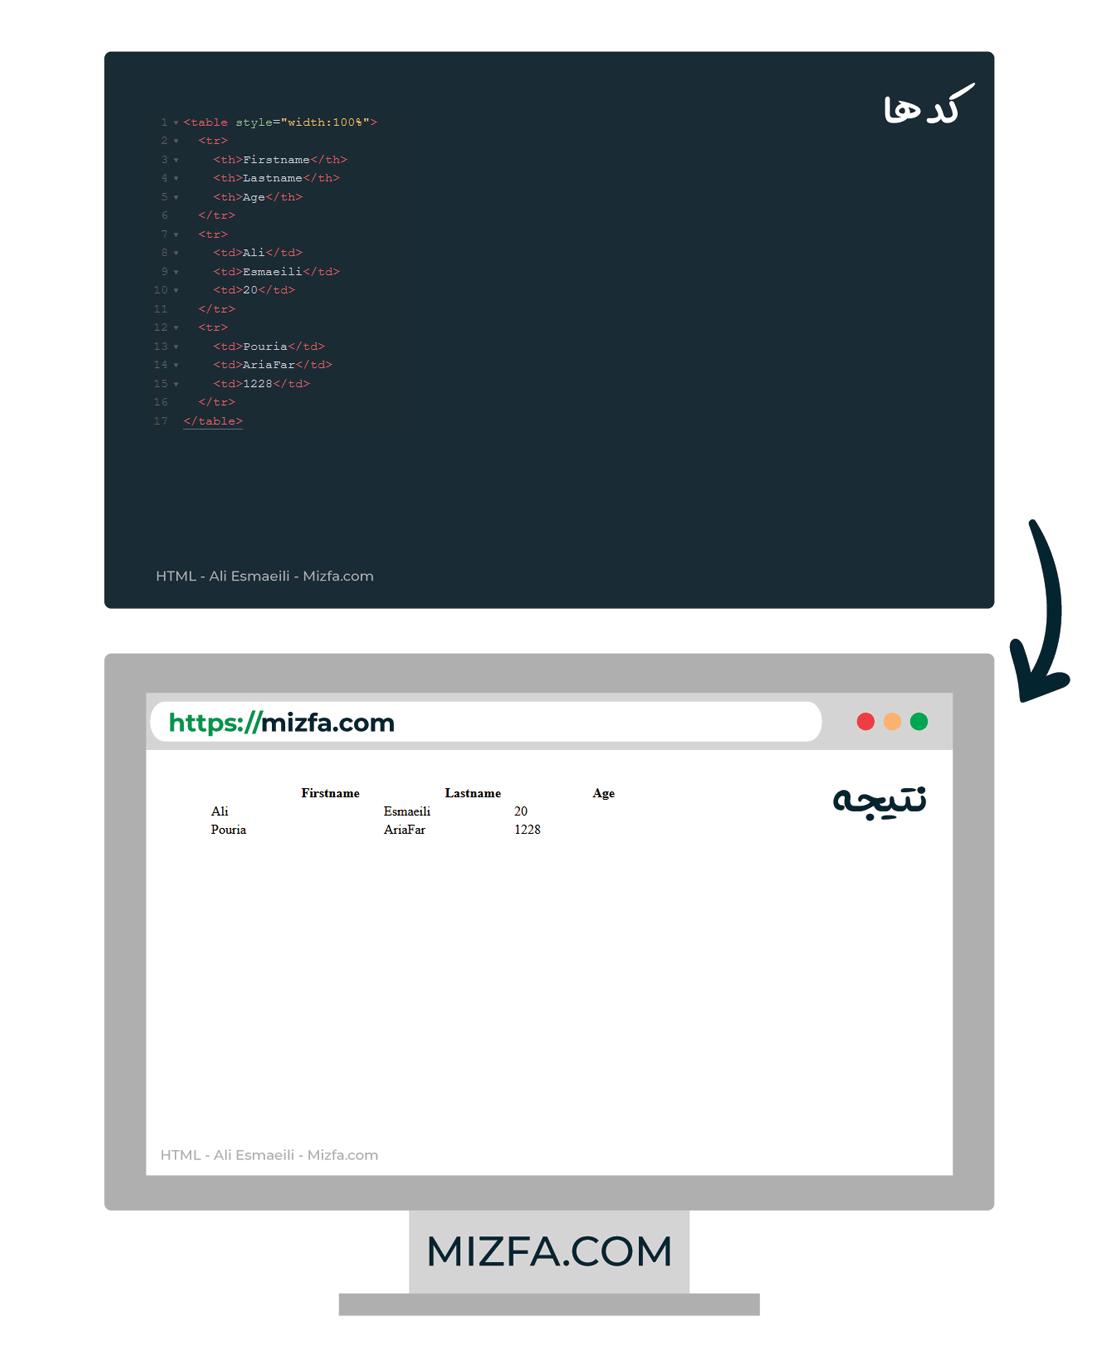 نمونه جدول ساخته شده با HTML